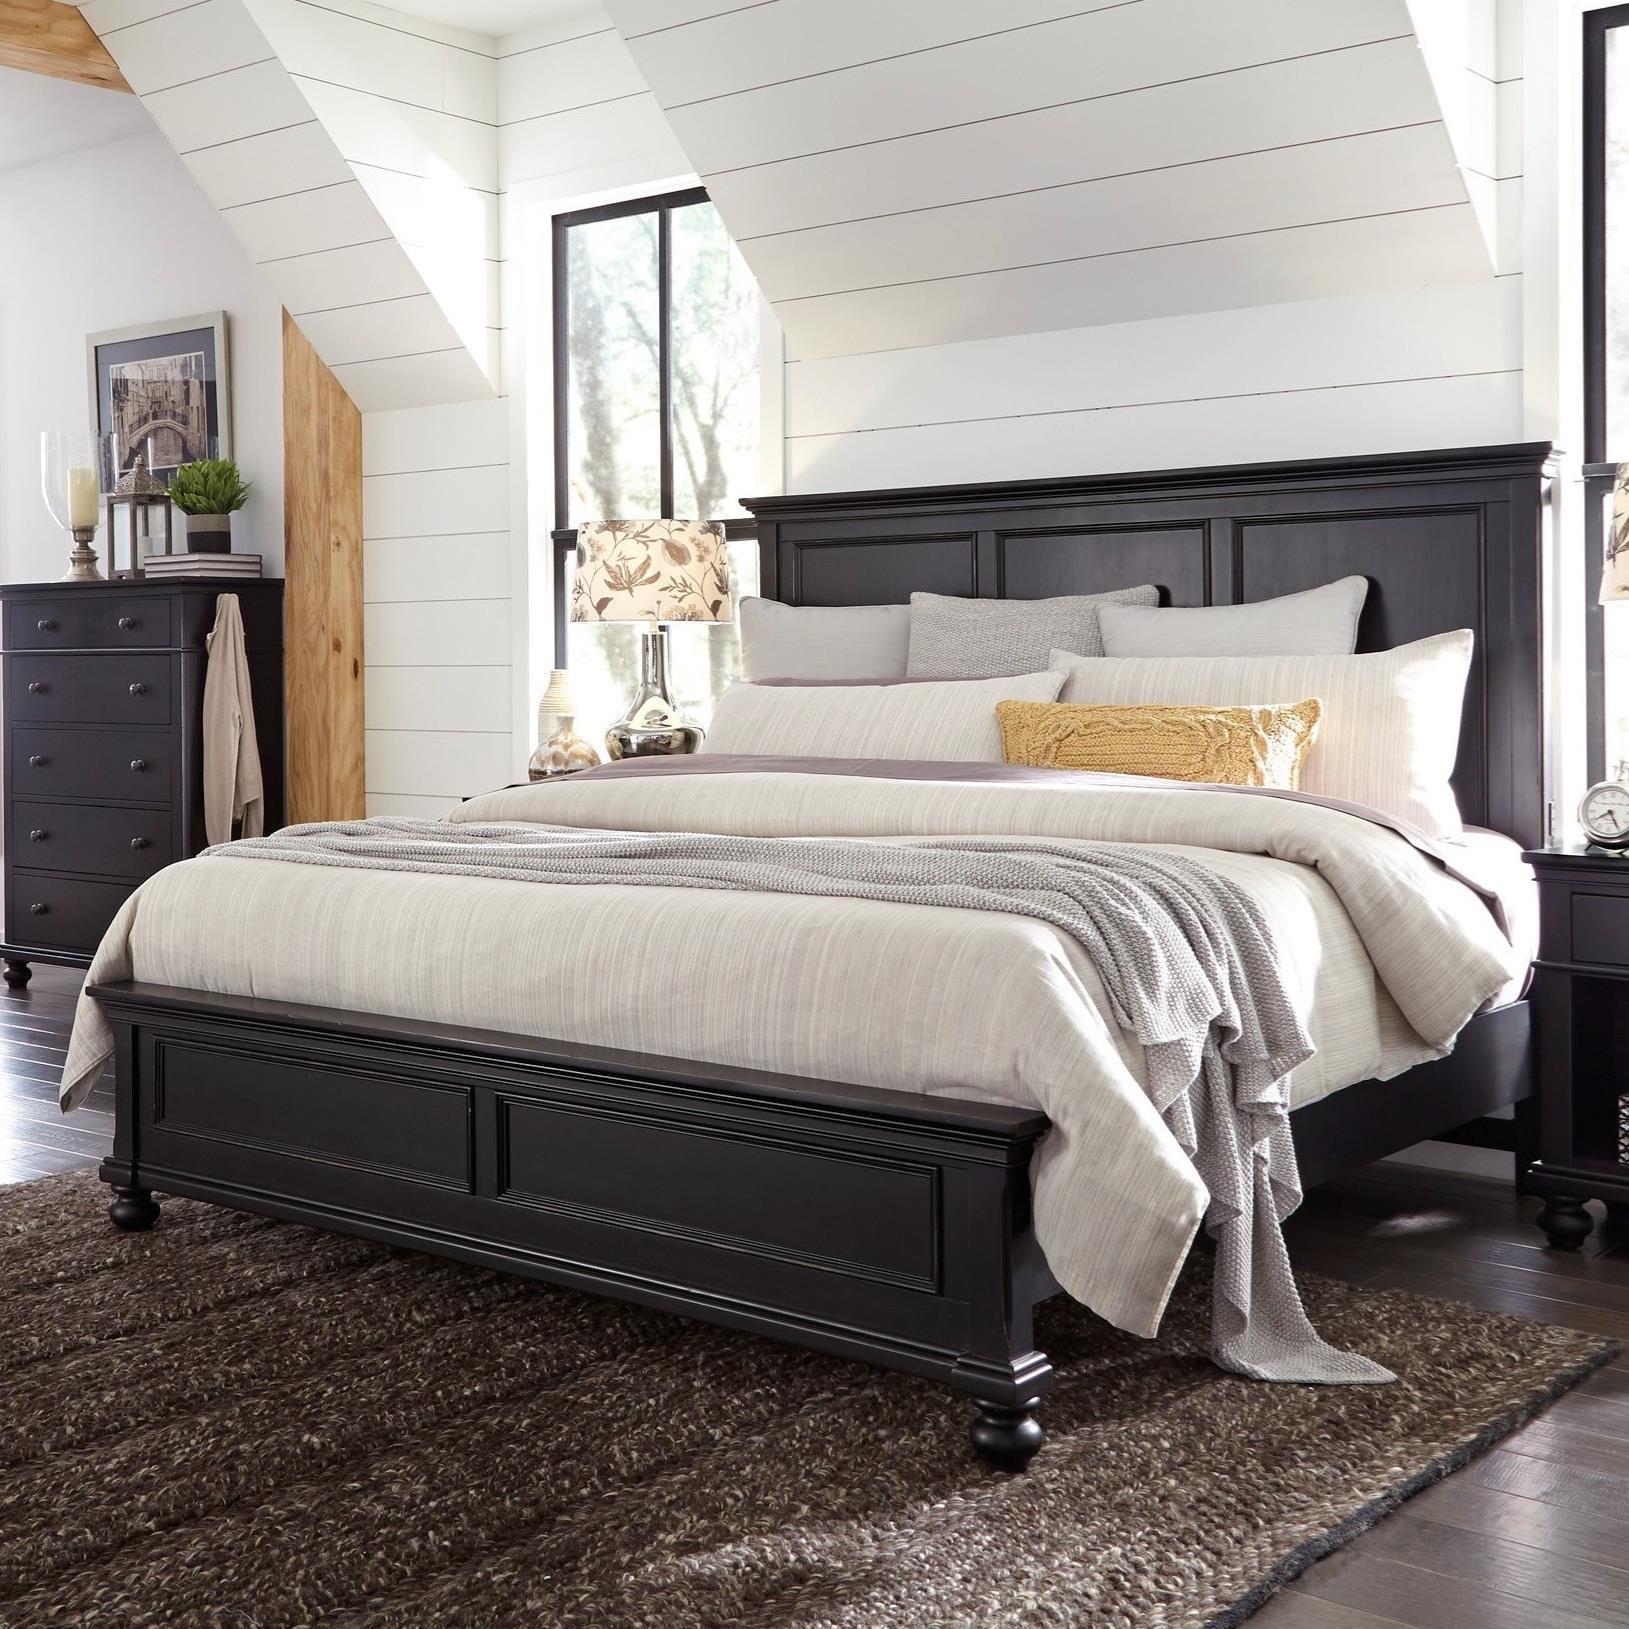 Aspenhome Oxford Cal King Bed - Item Number: I07-415+407+410-BLK